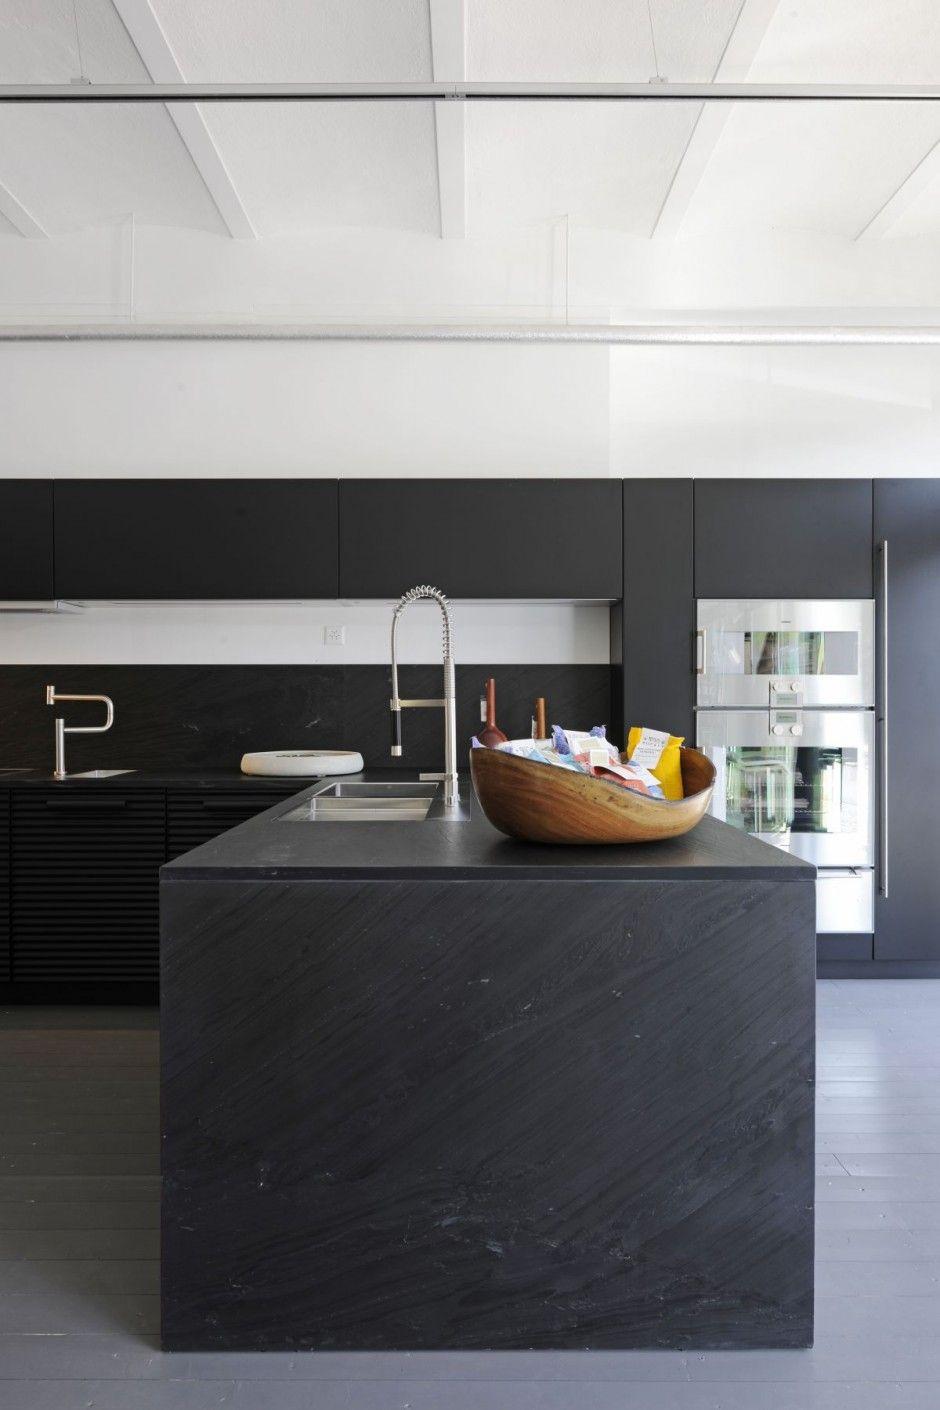 Schiffini Opens New Kitchen Showroom In Zurich 3